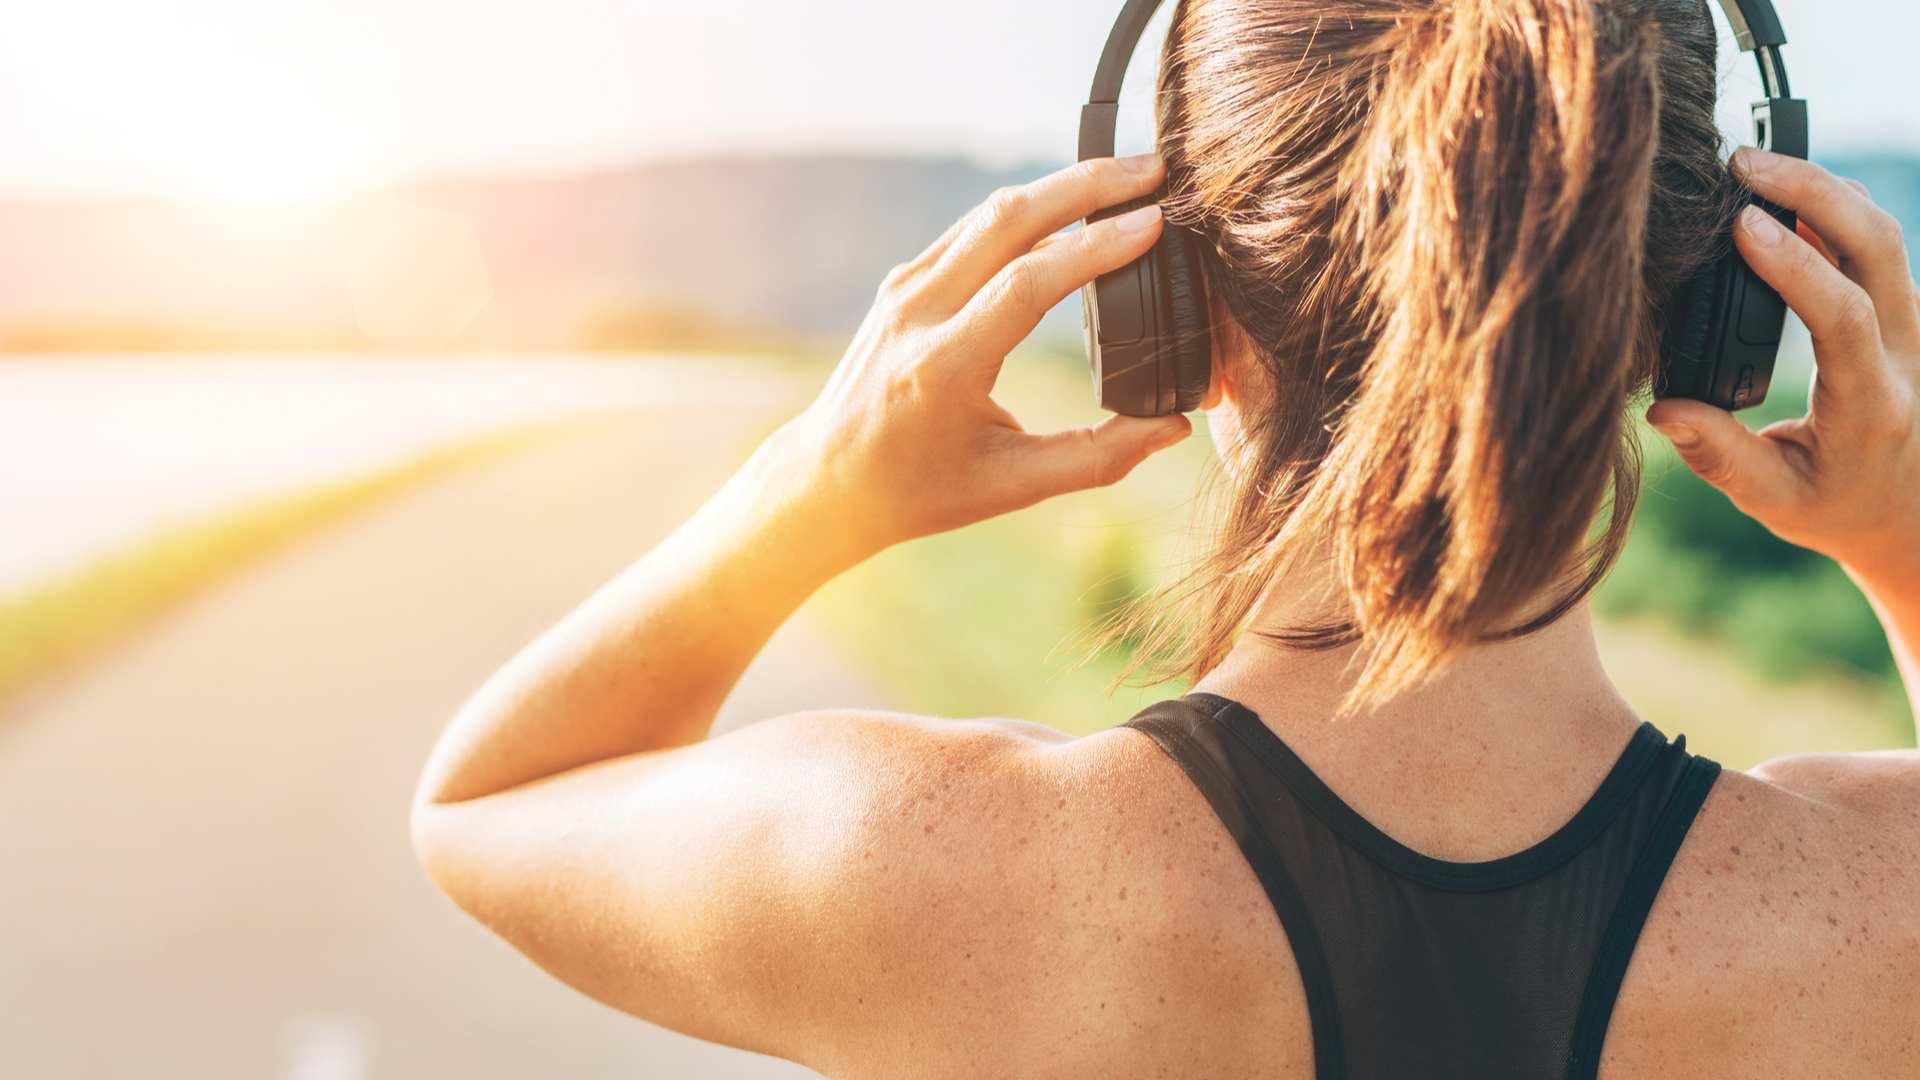 Mulher prestes a caminhar e usando um fone de ouvido sem fio